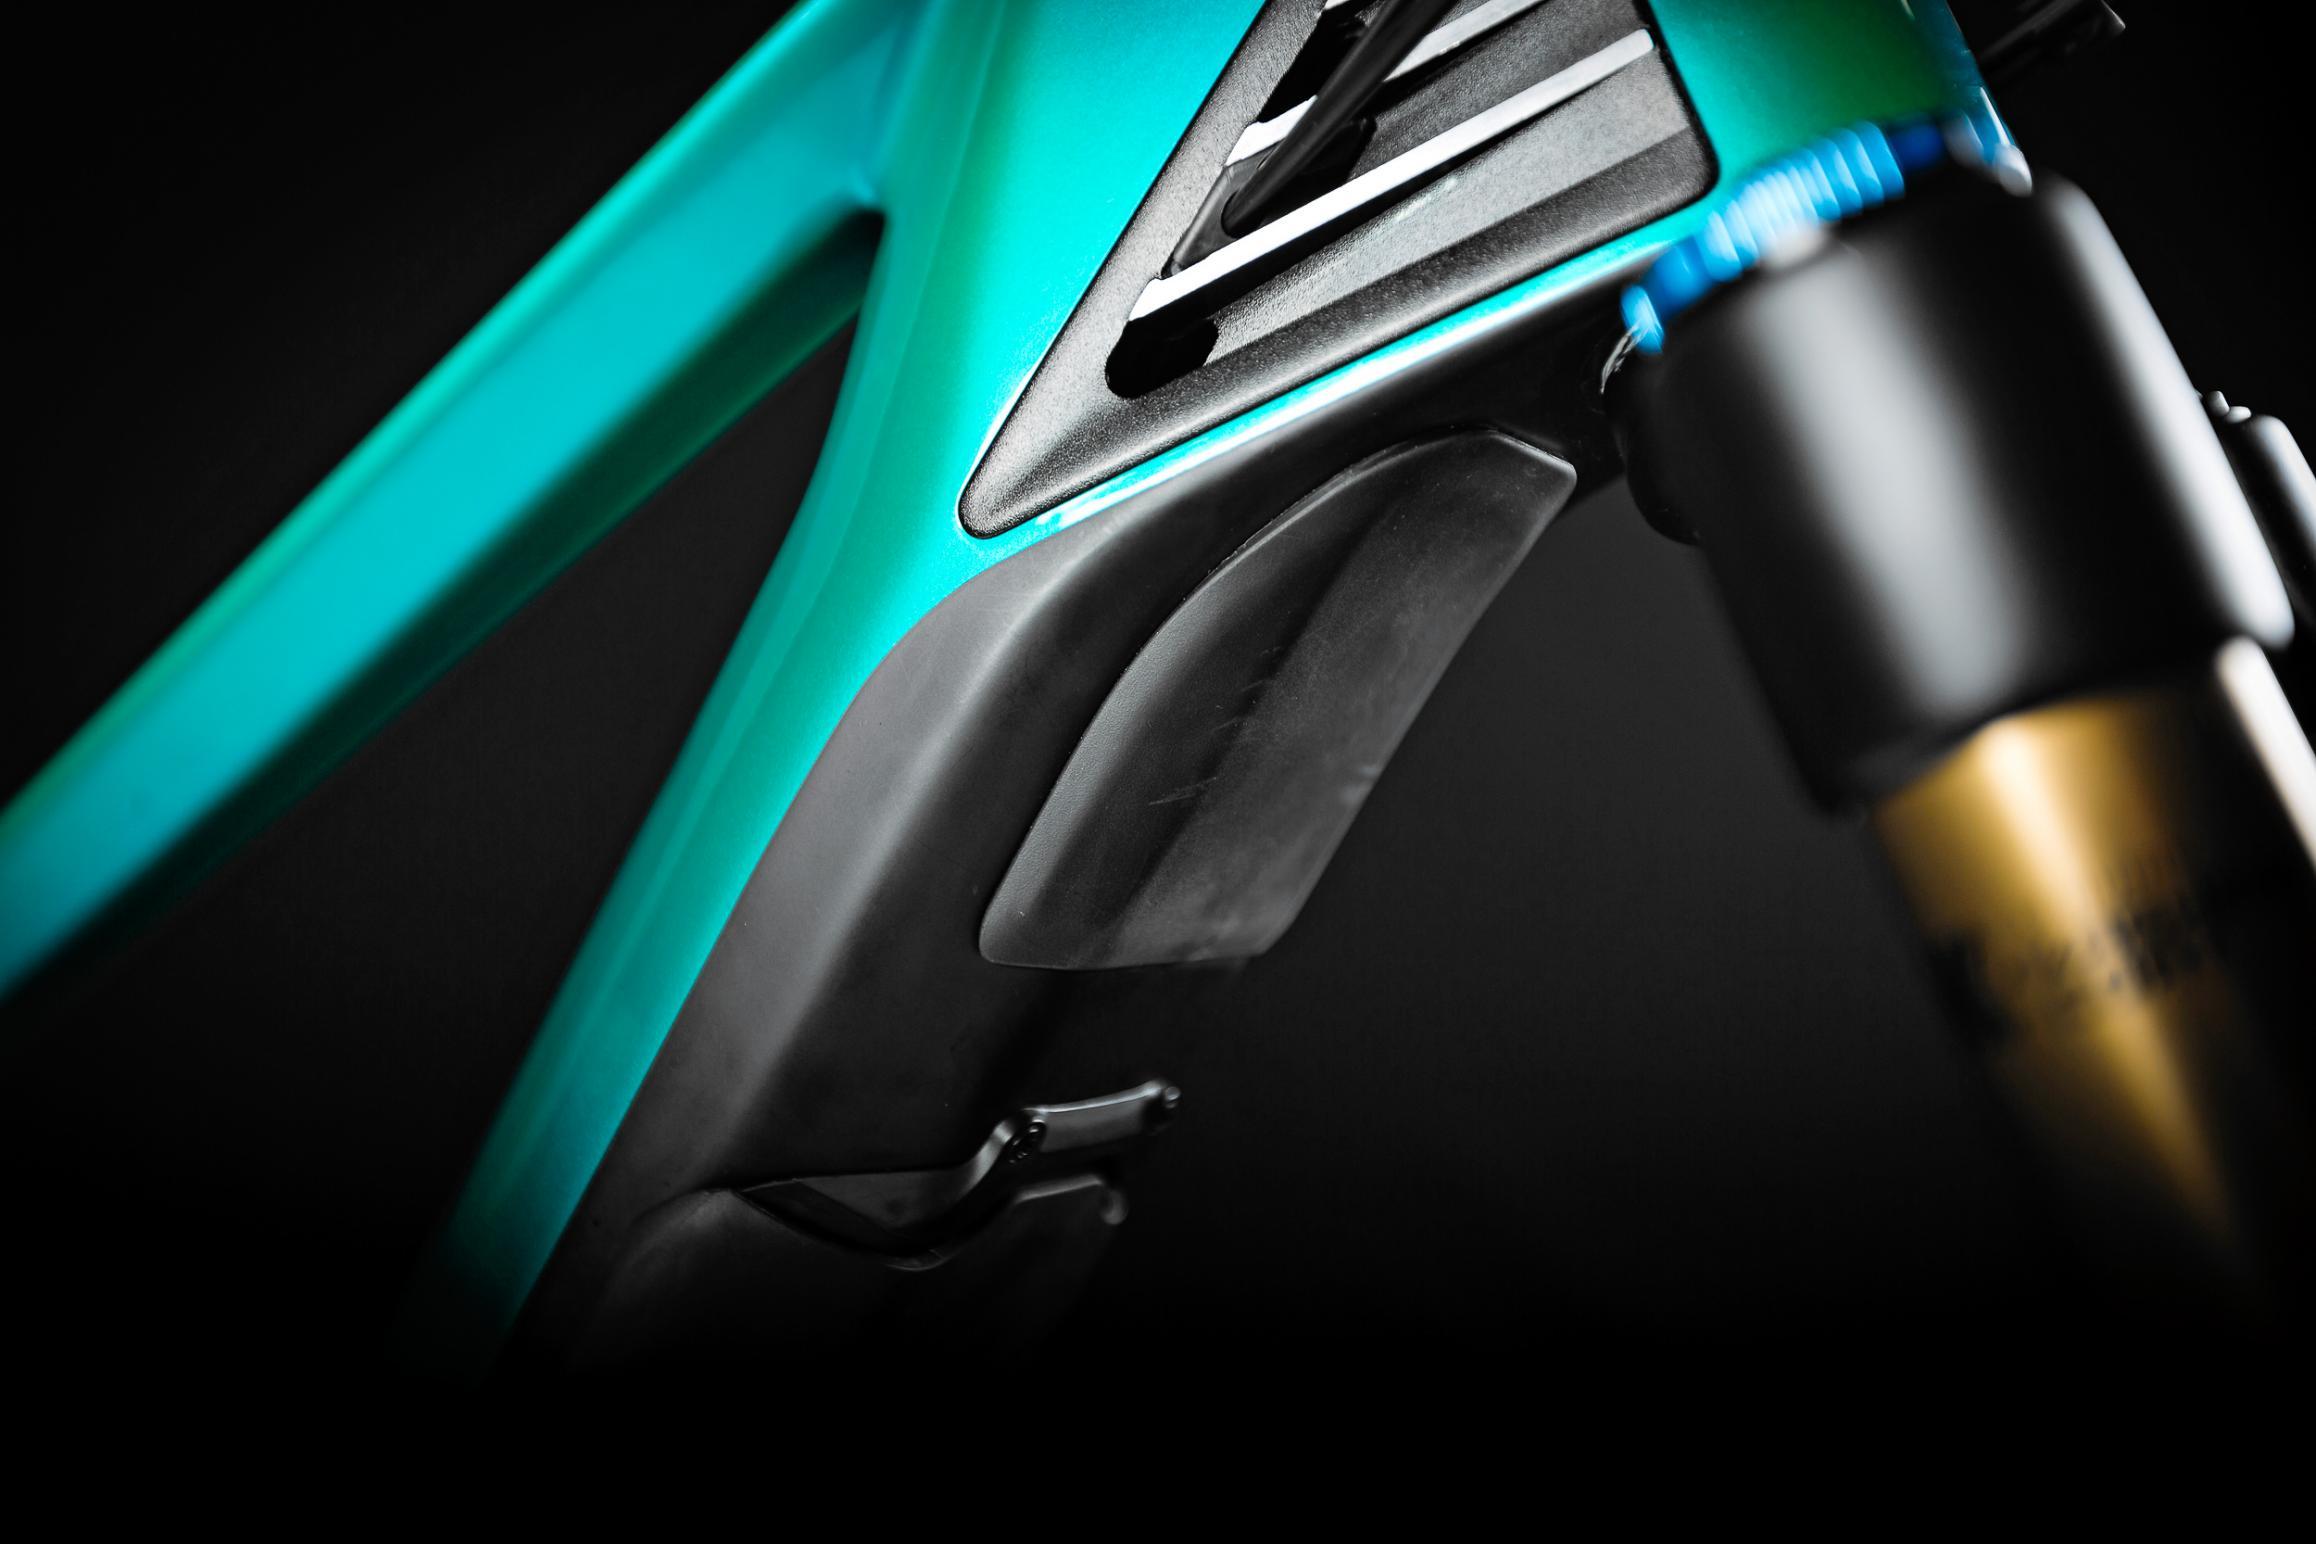 Frame Protector: Ein zusätzlicher Schutz am Unterrohr verhindert, dass die Gabelkrone bzw. ihre Einstellhebel bei einem Sturz Schäden verursachen.